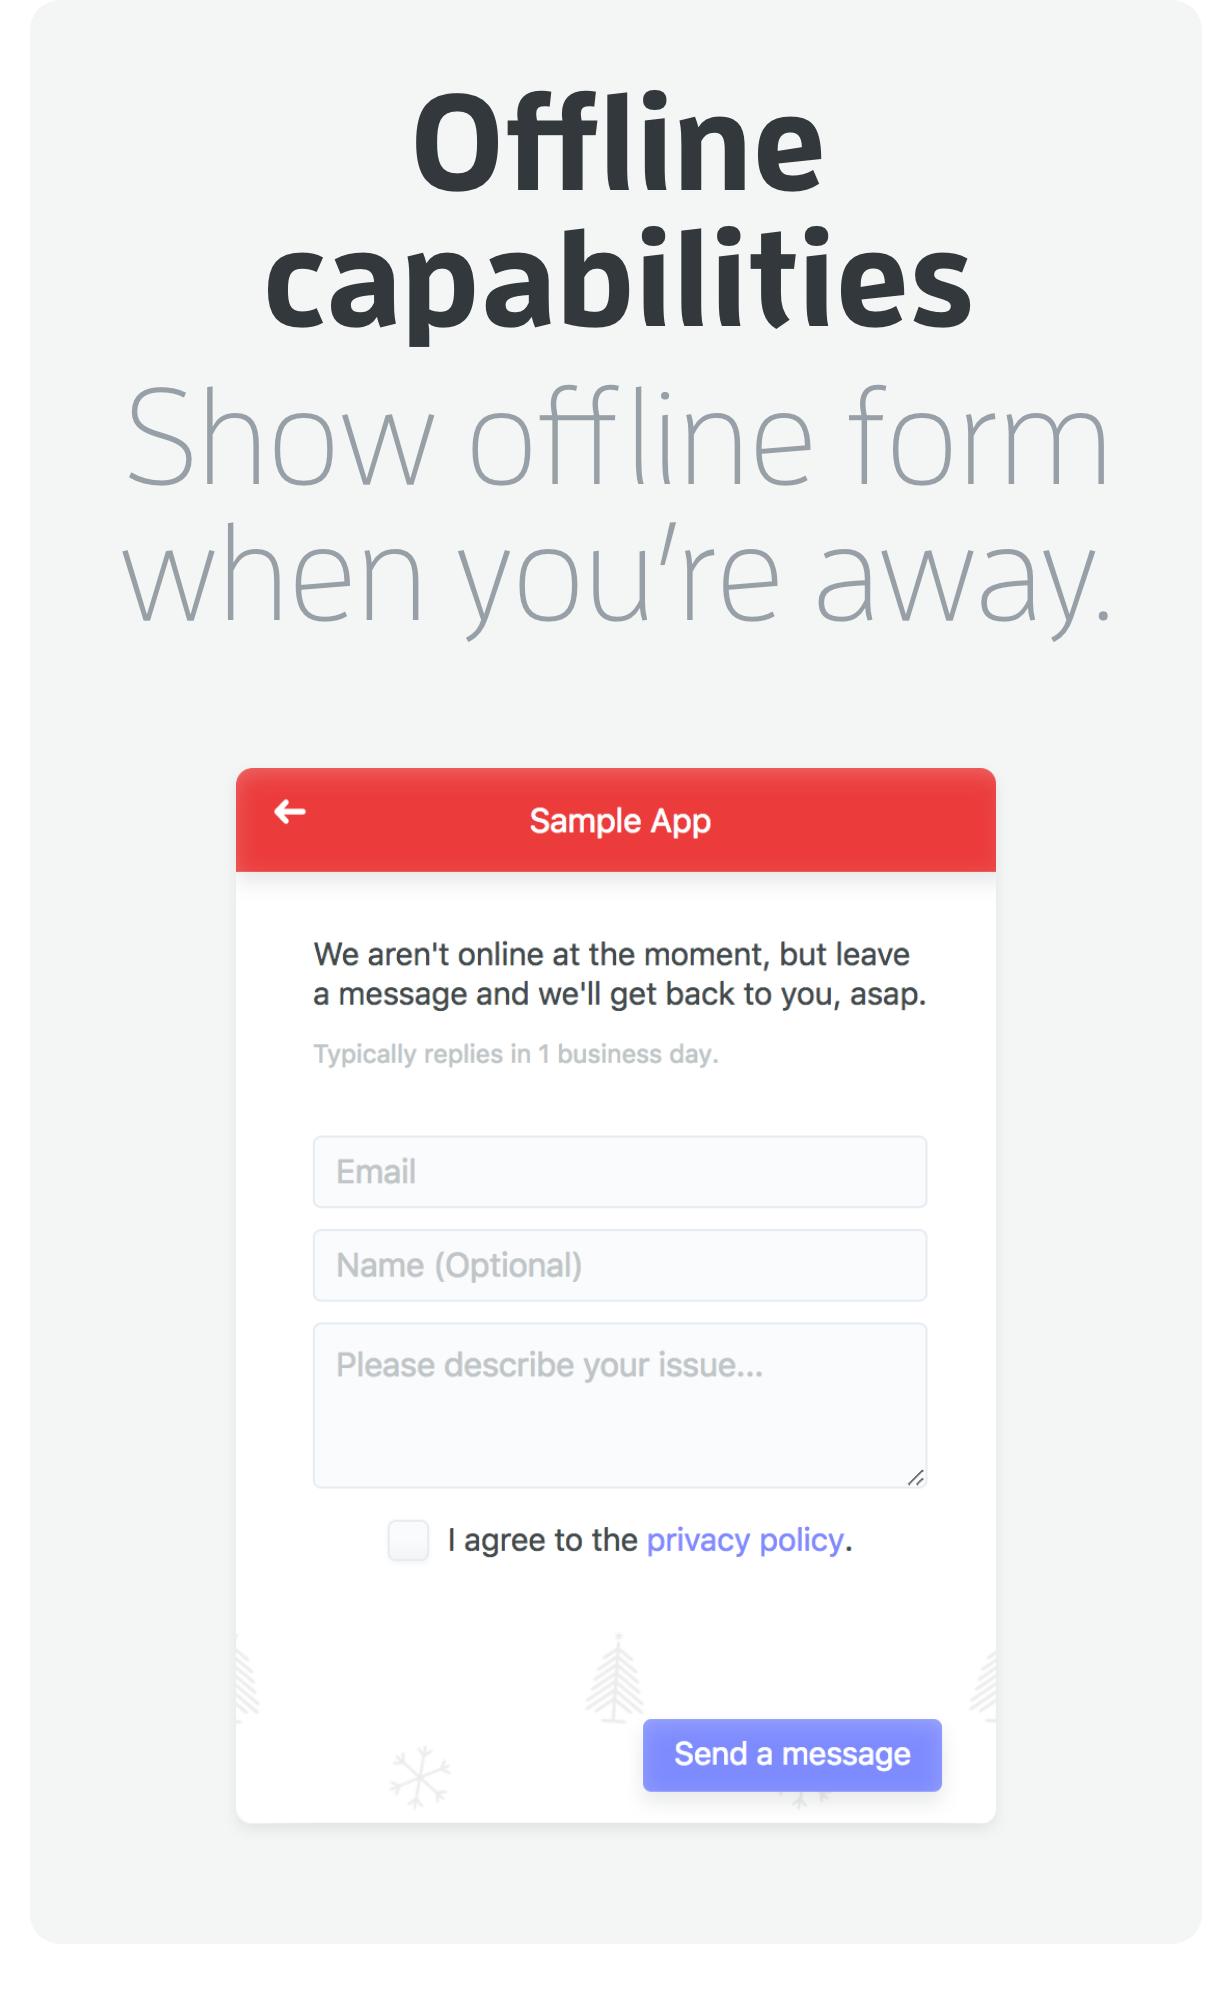 Offline capabilities